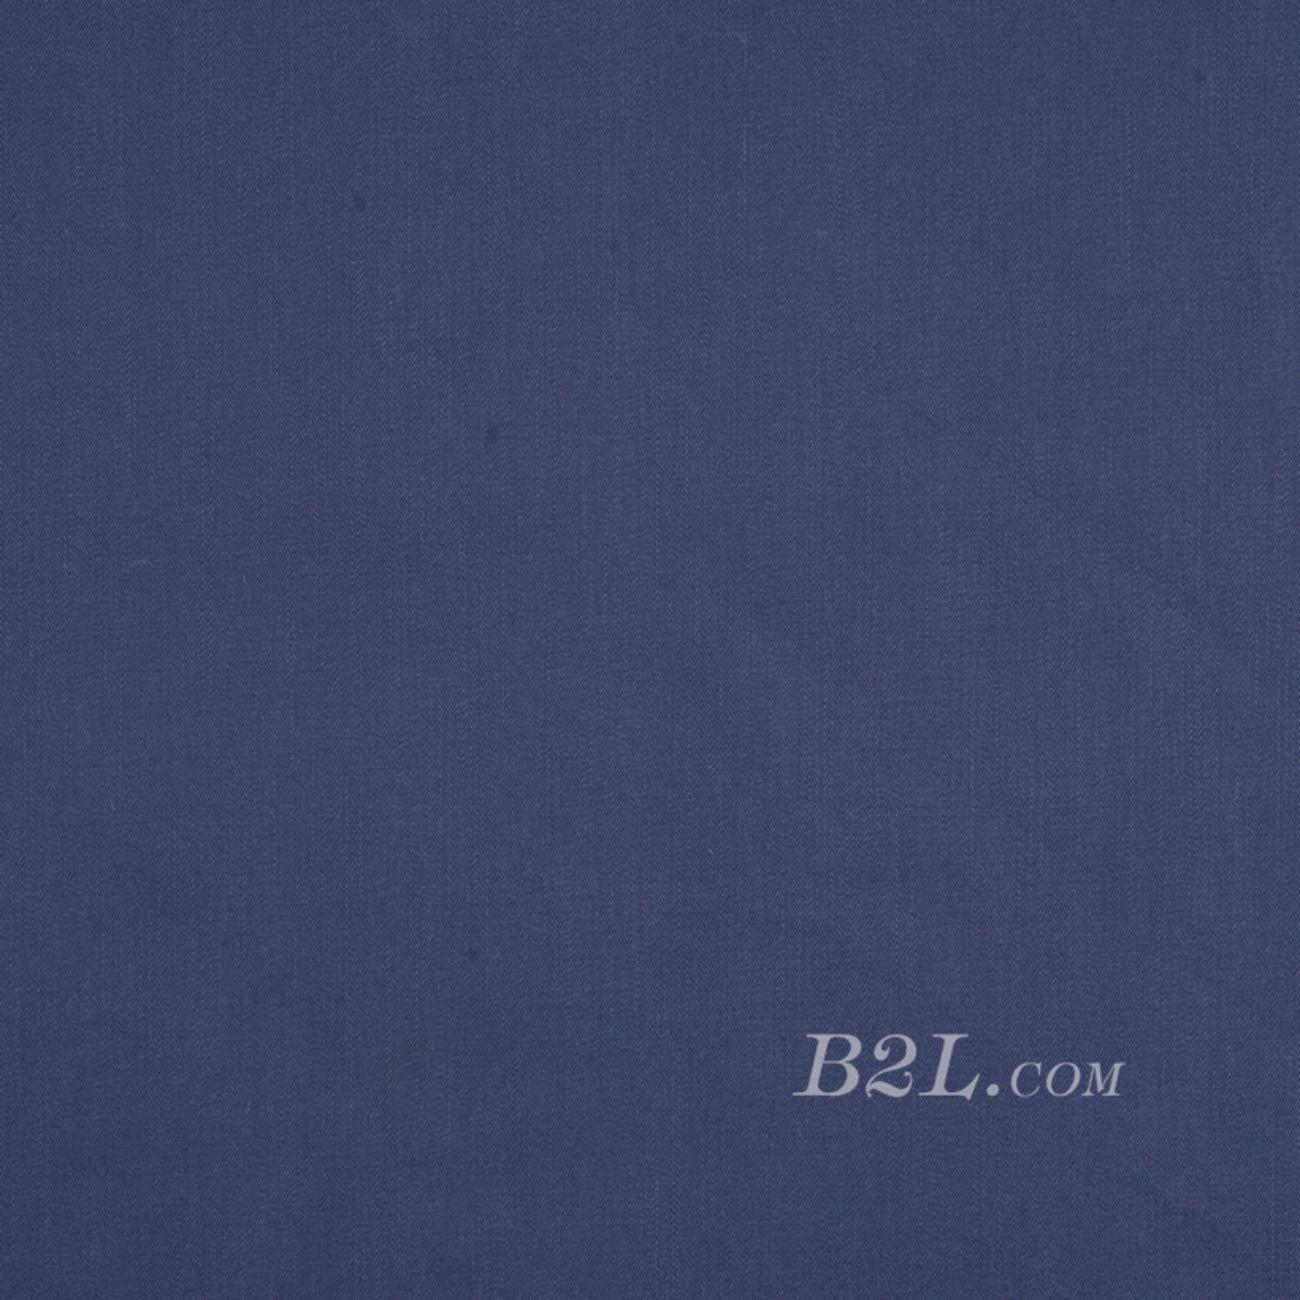 素色 梭织 染色 低弹 细腻 天丝 春秋 连衣裙 衬衫 81012-32